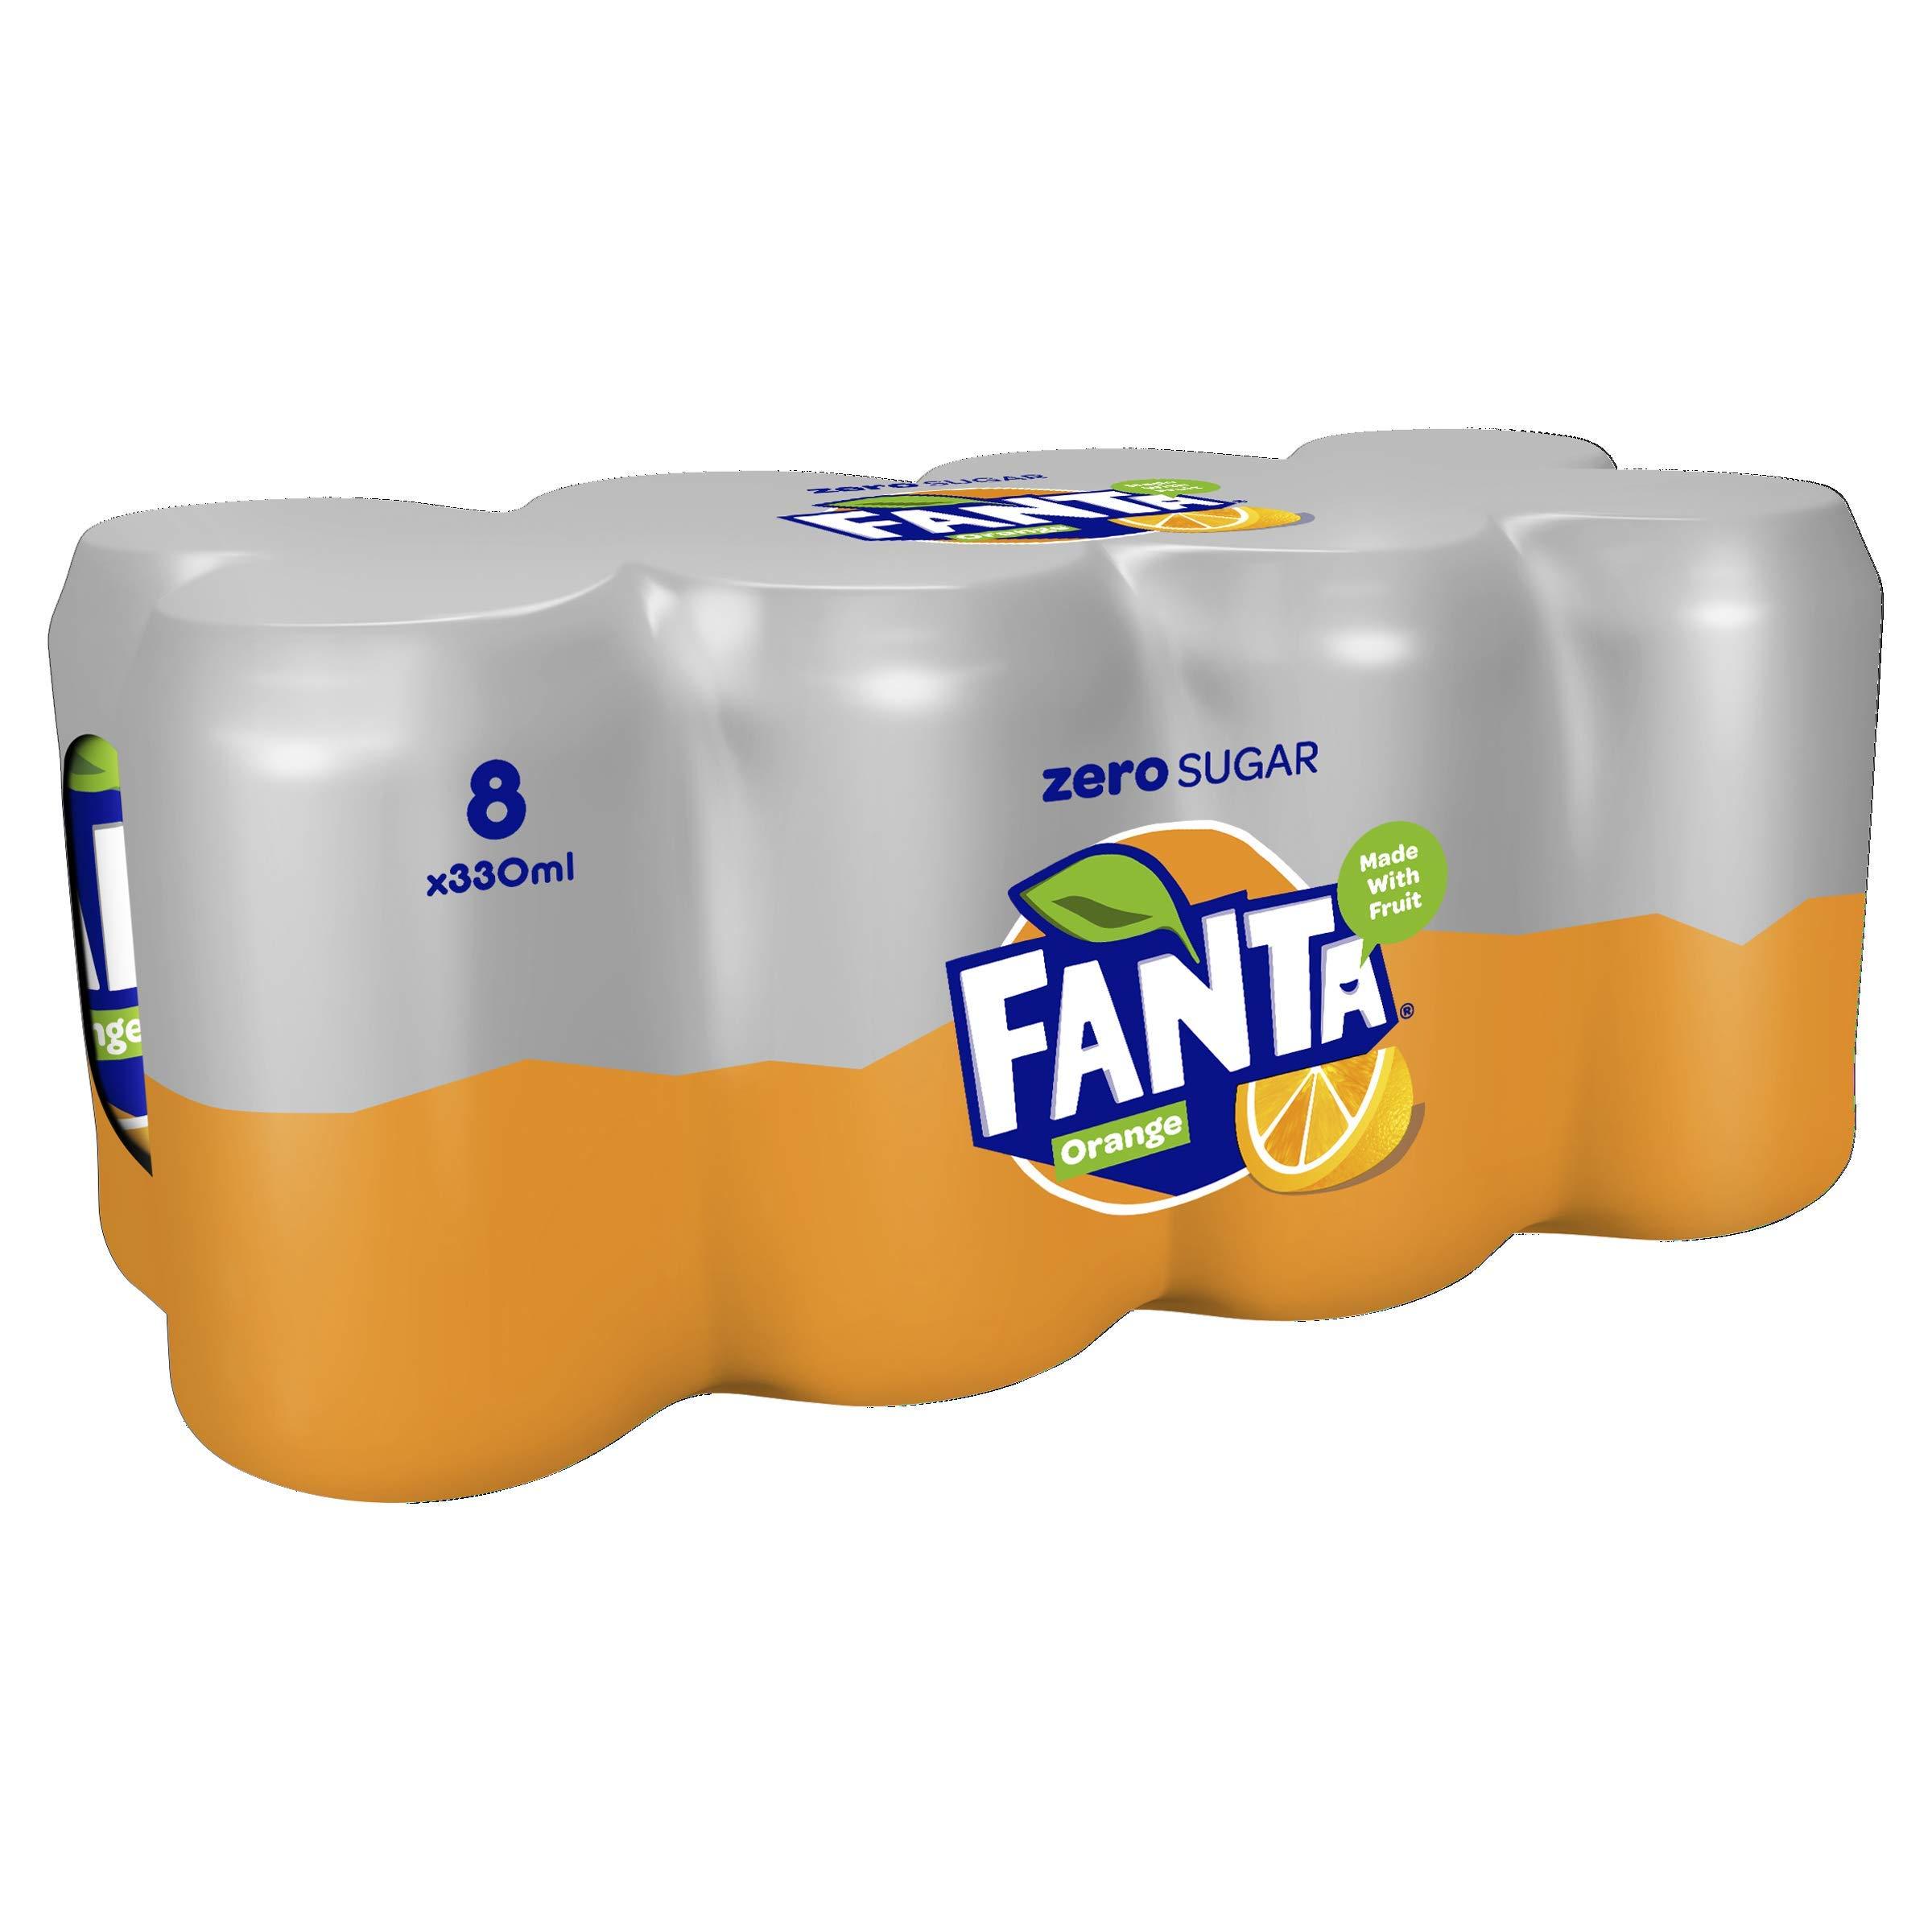 Fanta Orange Zero, 8 x 330ml